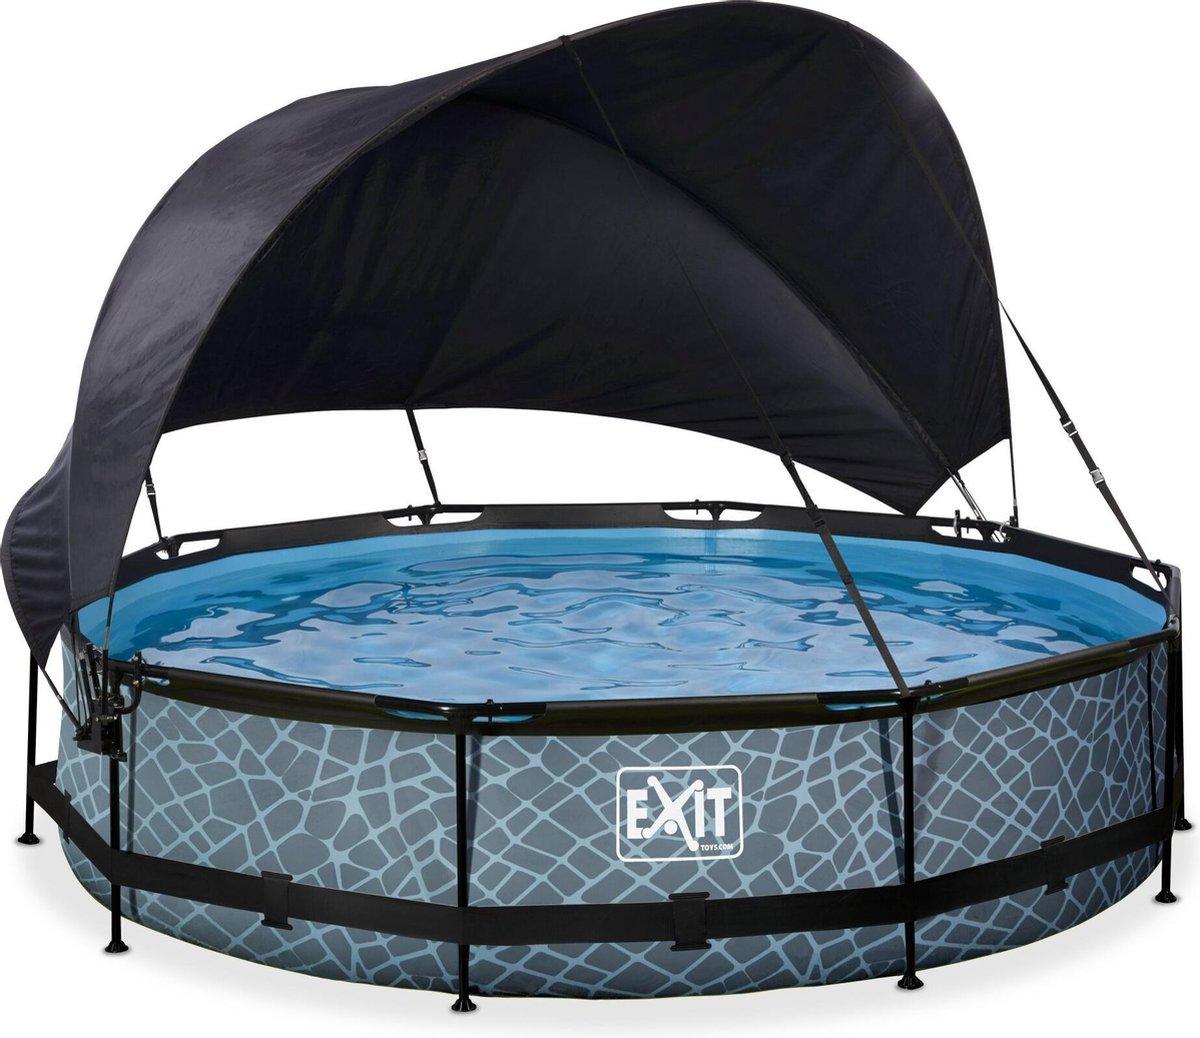 EXIT Stone zwembad ø360x76cm met schaduwdoek en filterpomp - grijs